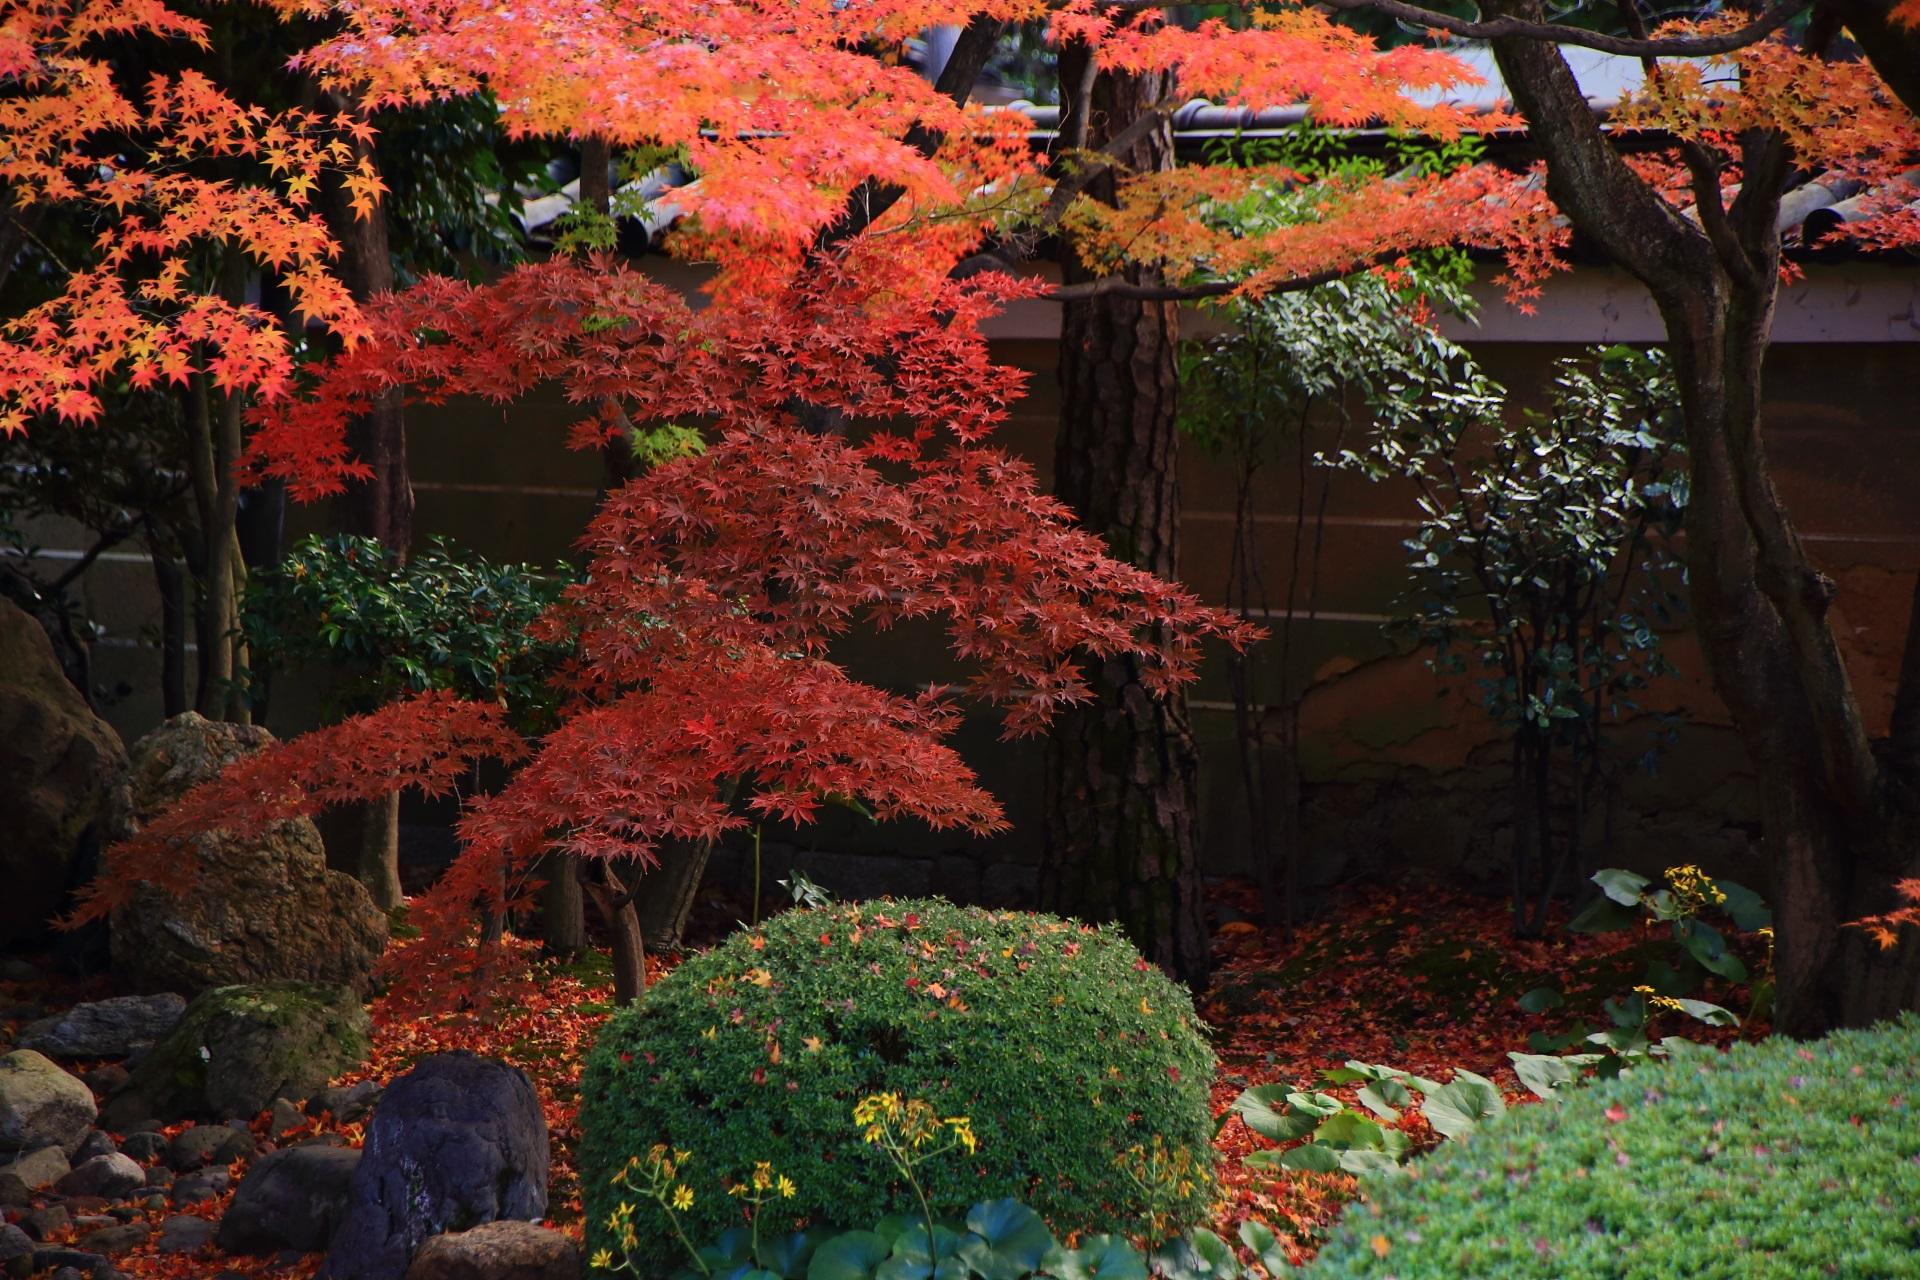 良く見ると多様な木々や緑と多彩な紅葉で構成されている妙顕寺庭園